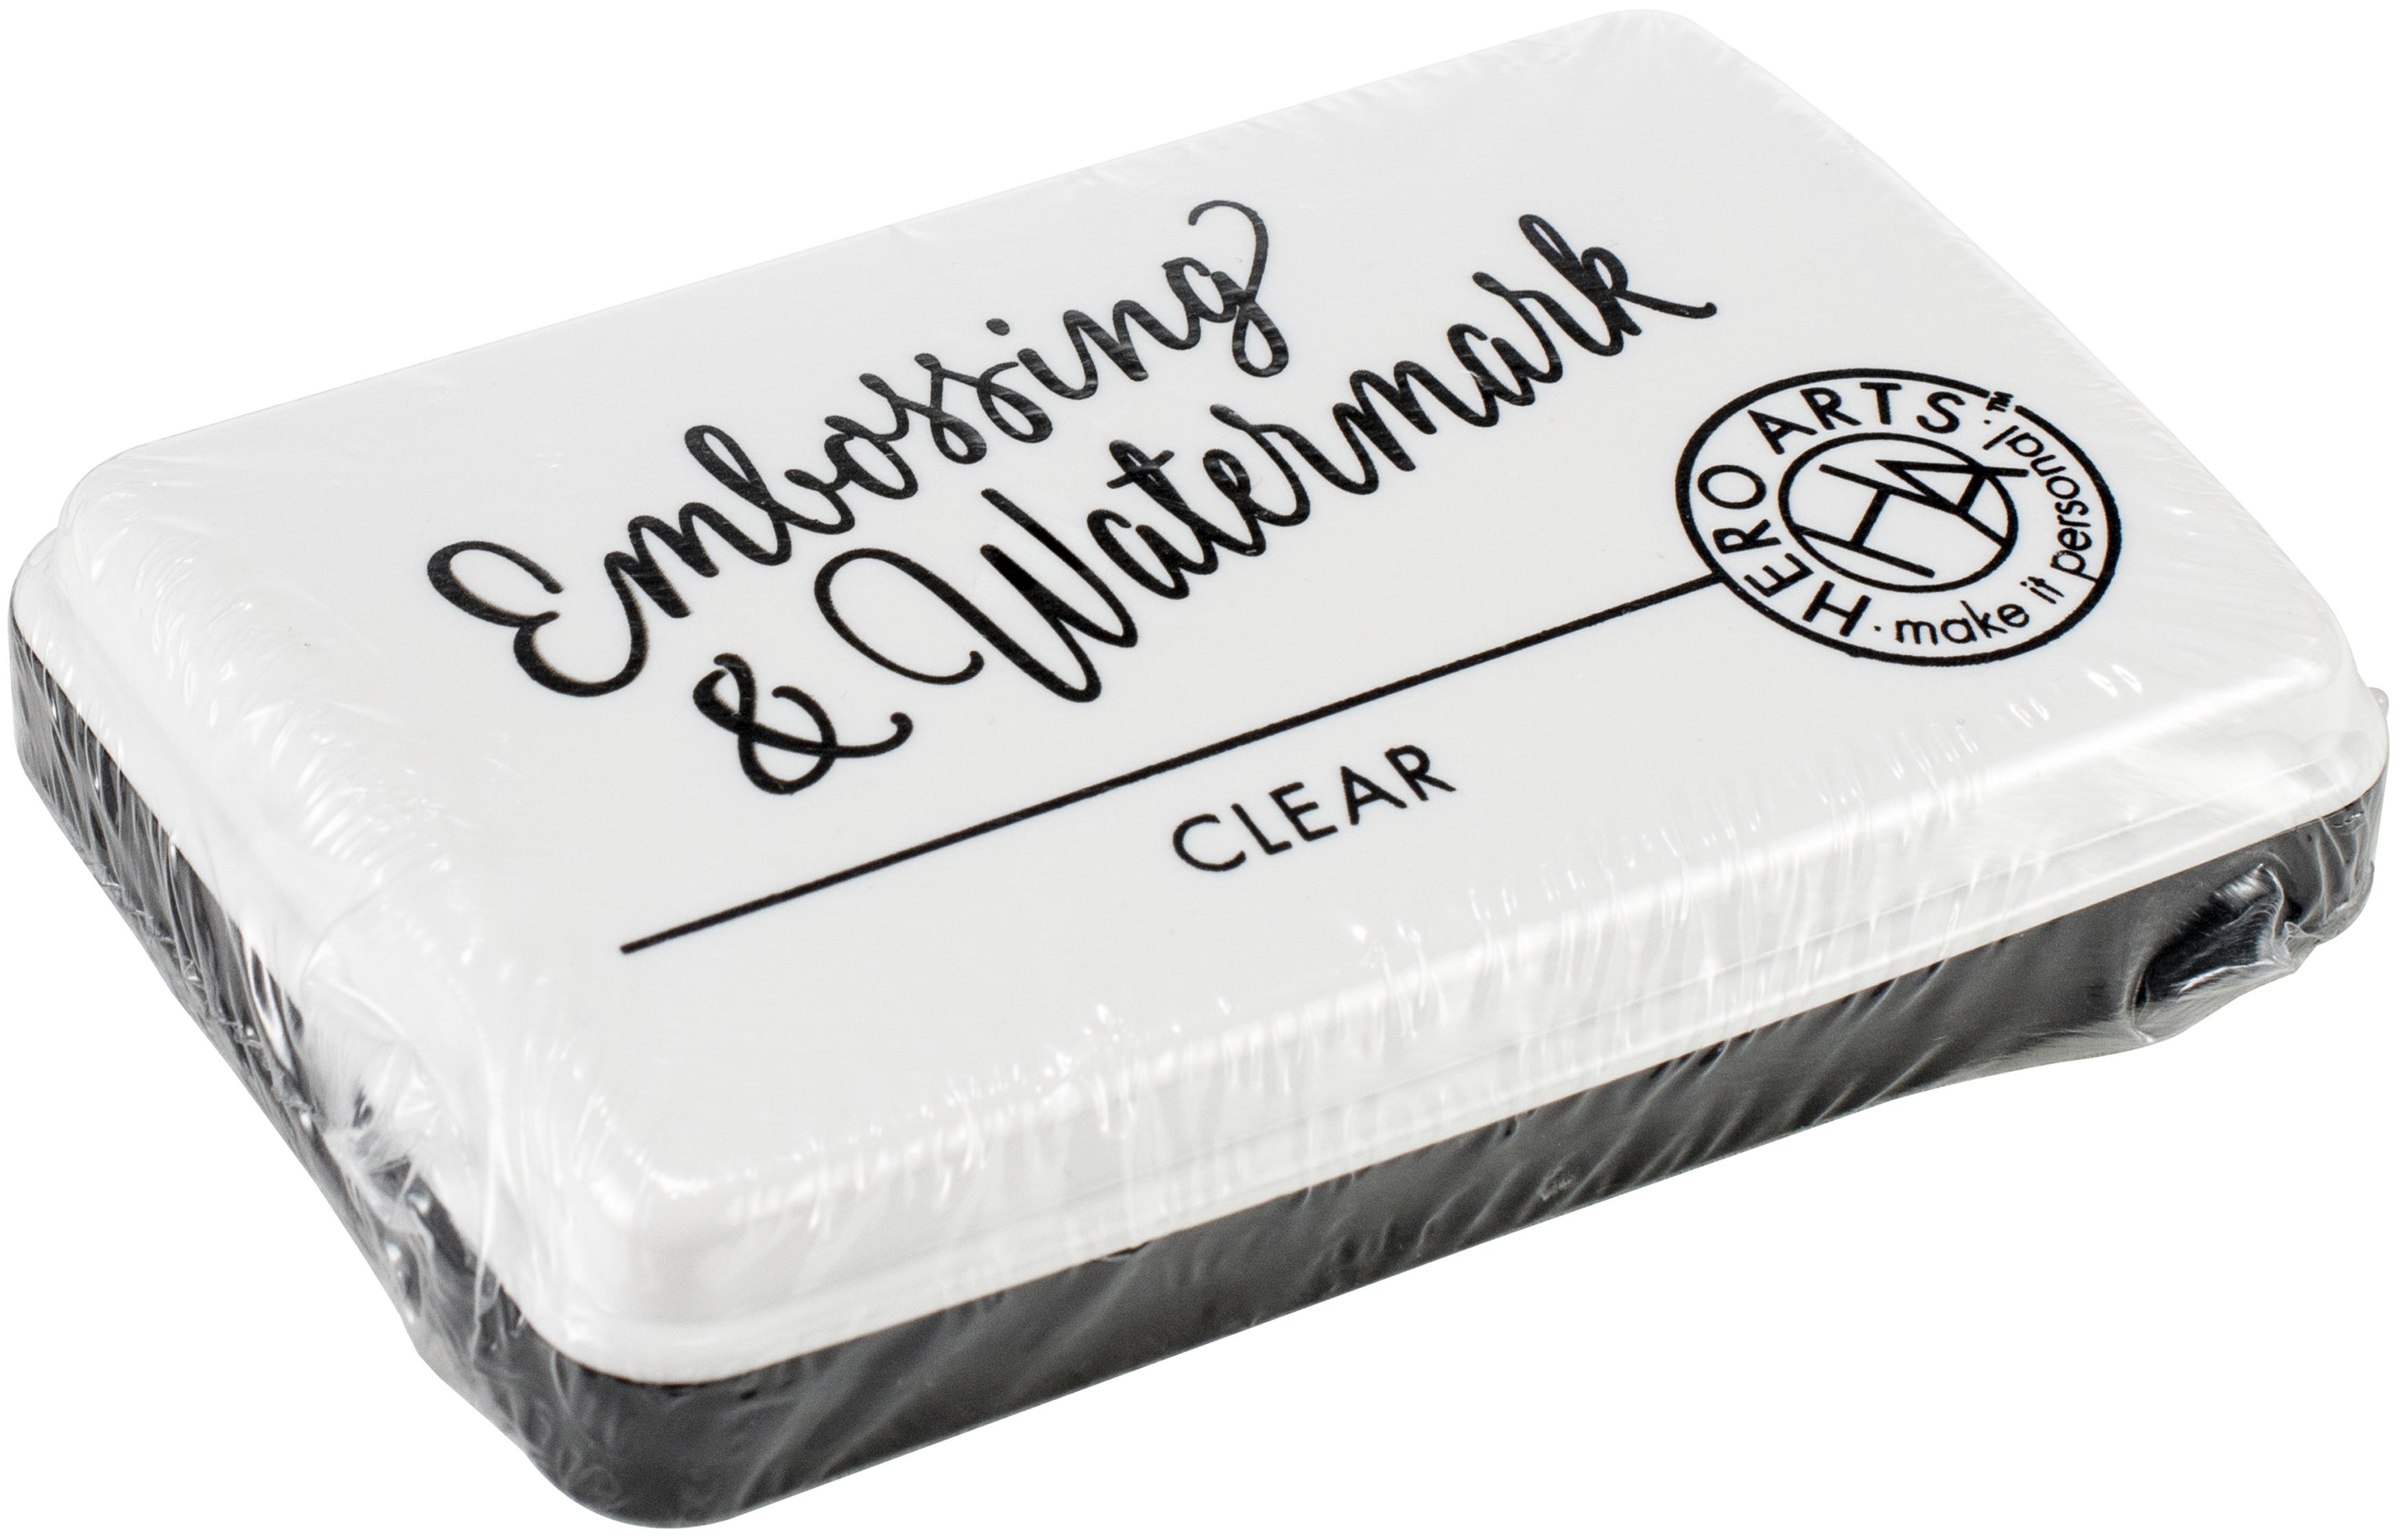 Clear Embossing & Watermark Ink Pad